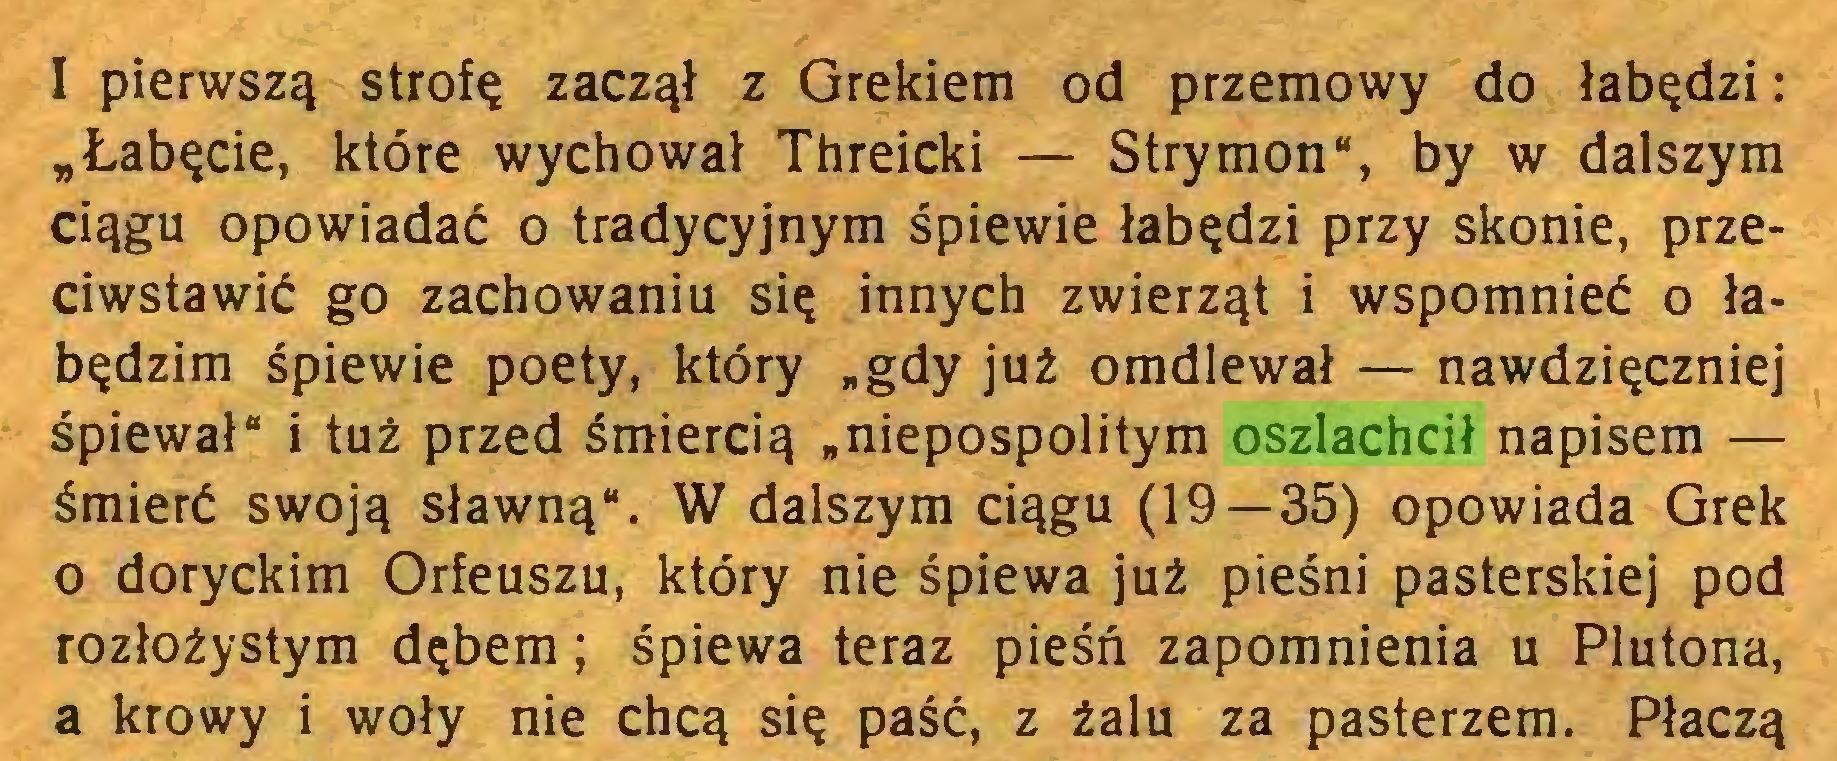 """(...) I pierwszą strofę zaczął z Grekiem od przemowy do łabędzi: """"Łabęcie, które wychował Threicki — Strymon"""", by w dalszym ciągu opowiadać o tradycyjnym śpiewie łabędzi przy skonie, przeciwstawić go zachowaniu się innych zwierząt i wspomnieć o łabędzim śpiewie poety, który """"gdy już omdlewał — nawdzięczniej śpiewał"""" i tuż przed śmiercią """"niepospolitym oszlachcił napisem — śmierć swoją sławną"""". W dalszym ciągu (19 — 35) opowiada Grek 0 doryckim Orfeuszu, który nie śpiewa już pieśni pasterskiej pod rozłożystym dębem; śpiewa teraz pieśń zapomnienia u Plutona, a krowy i woły nie chcą się paść, z żalu za pasterzem. Płaczą..."""